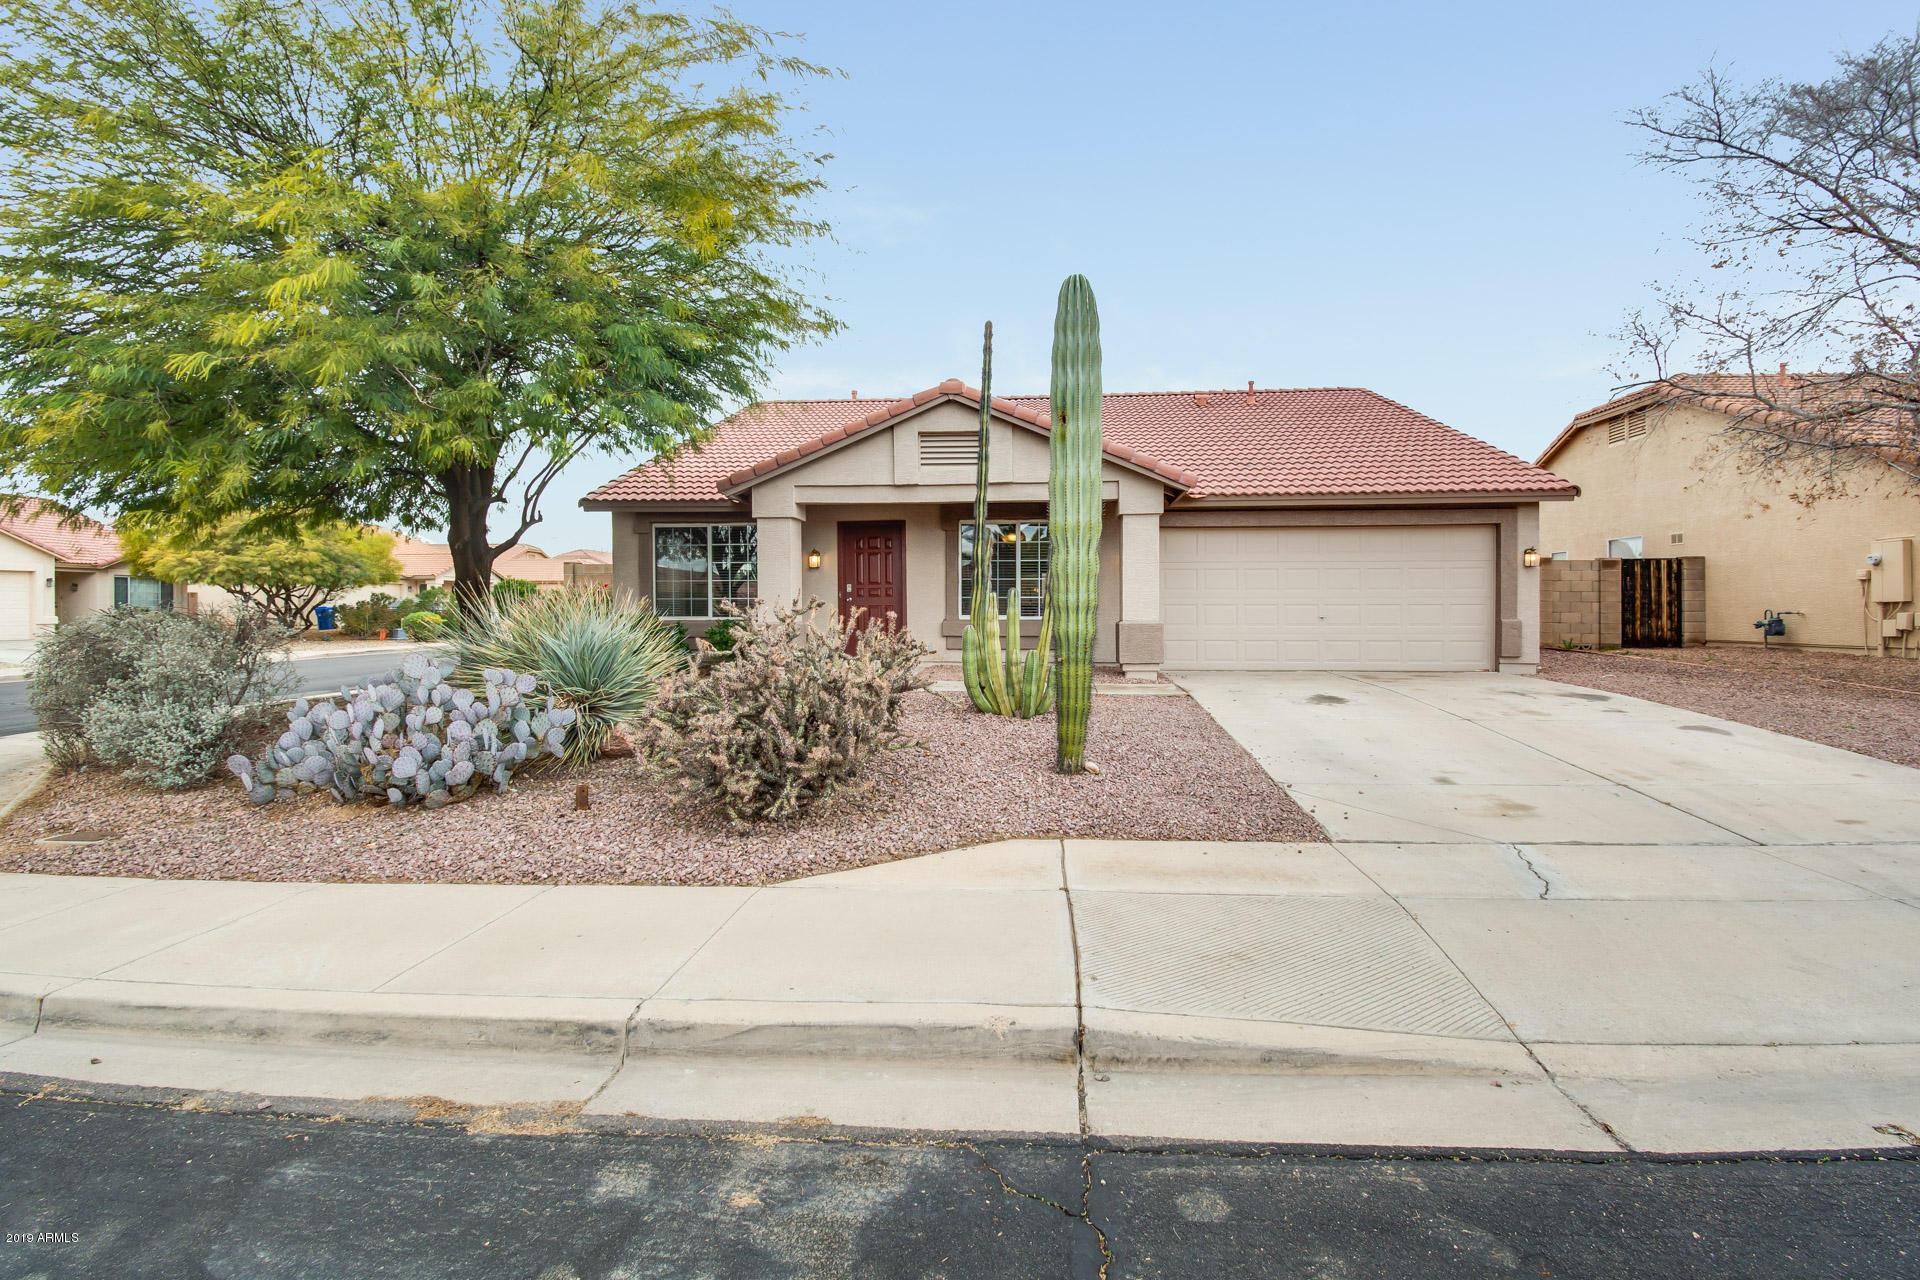 Photo of 11218 E DARTMOUTH Circle, Mesa, AZ 85207